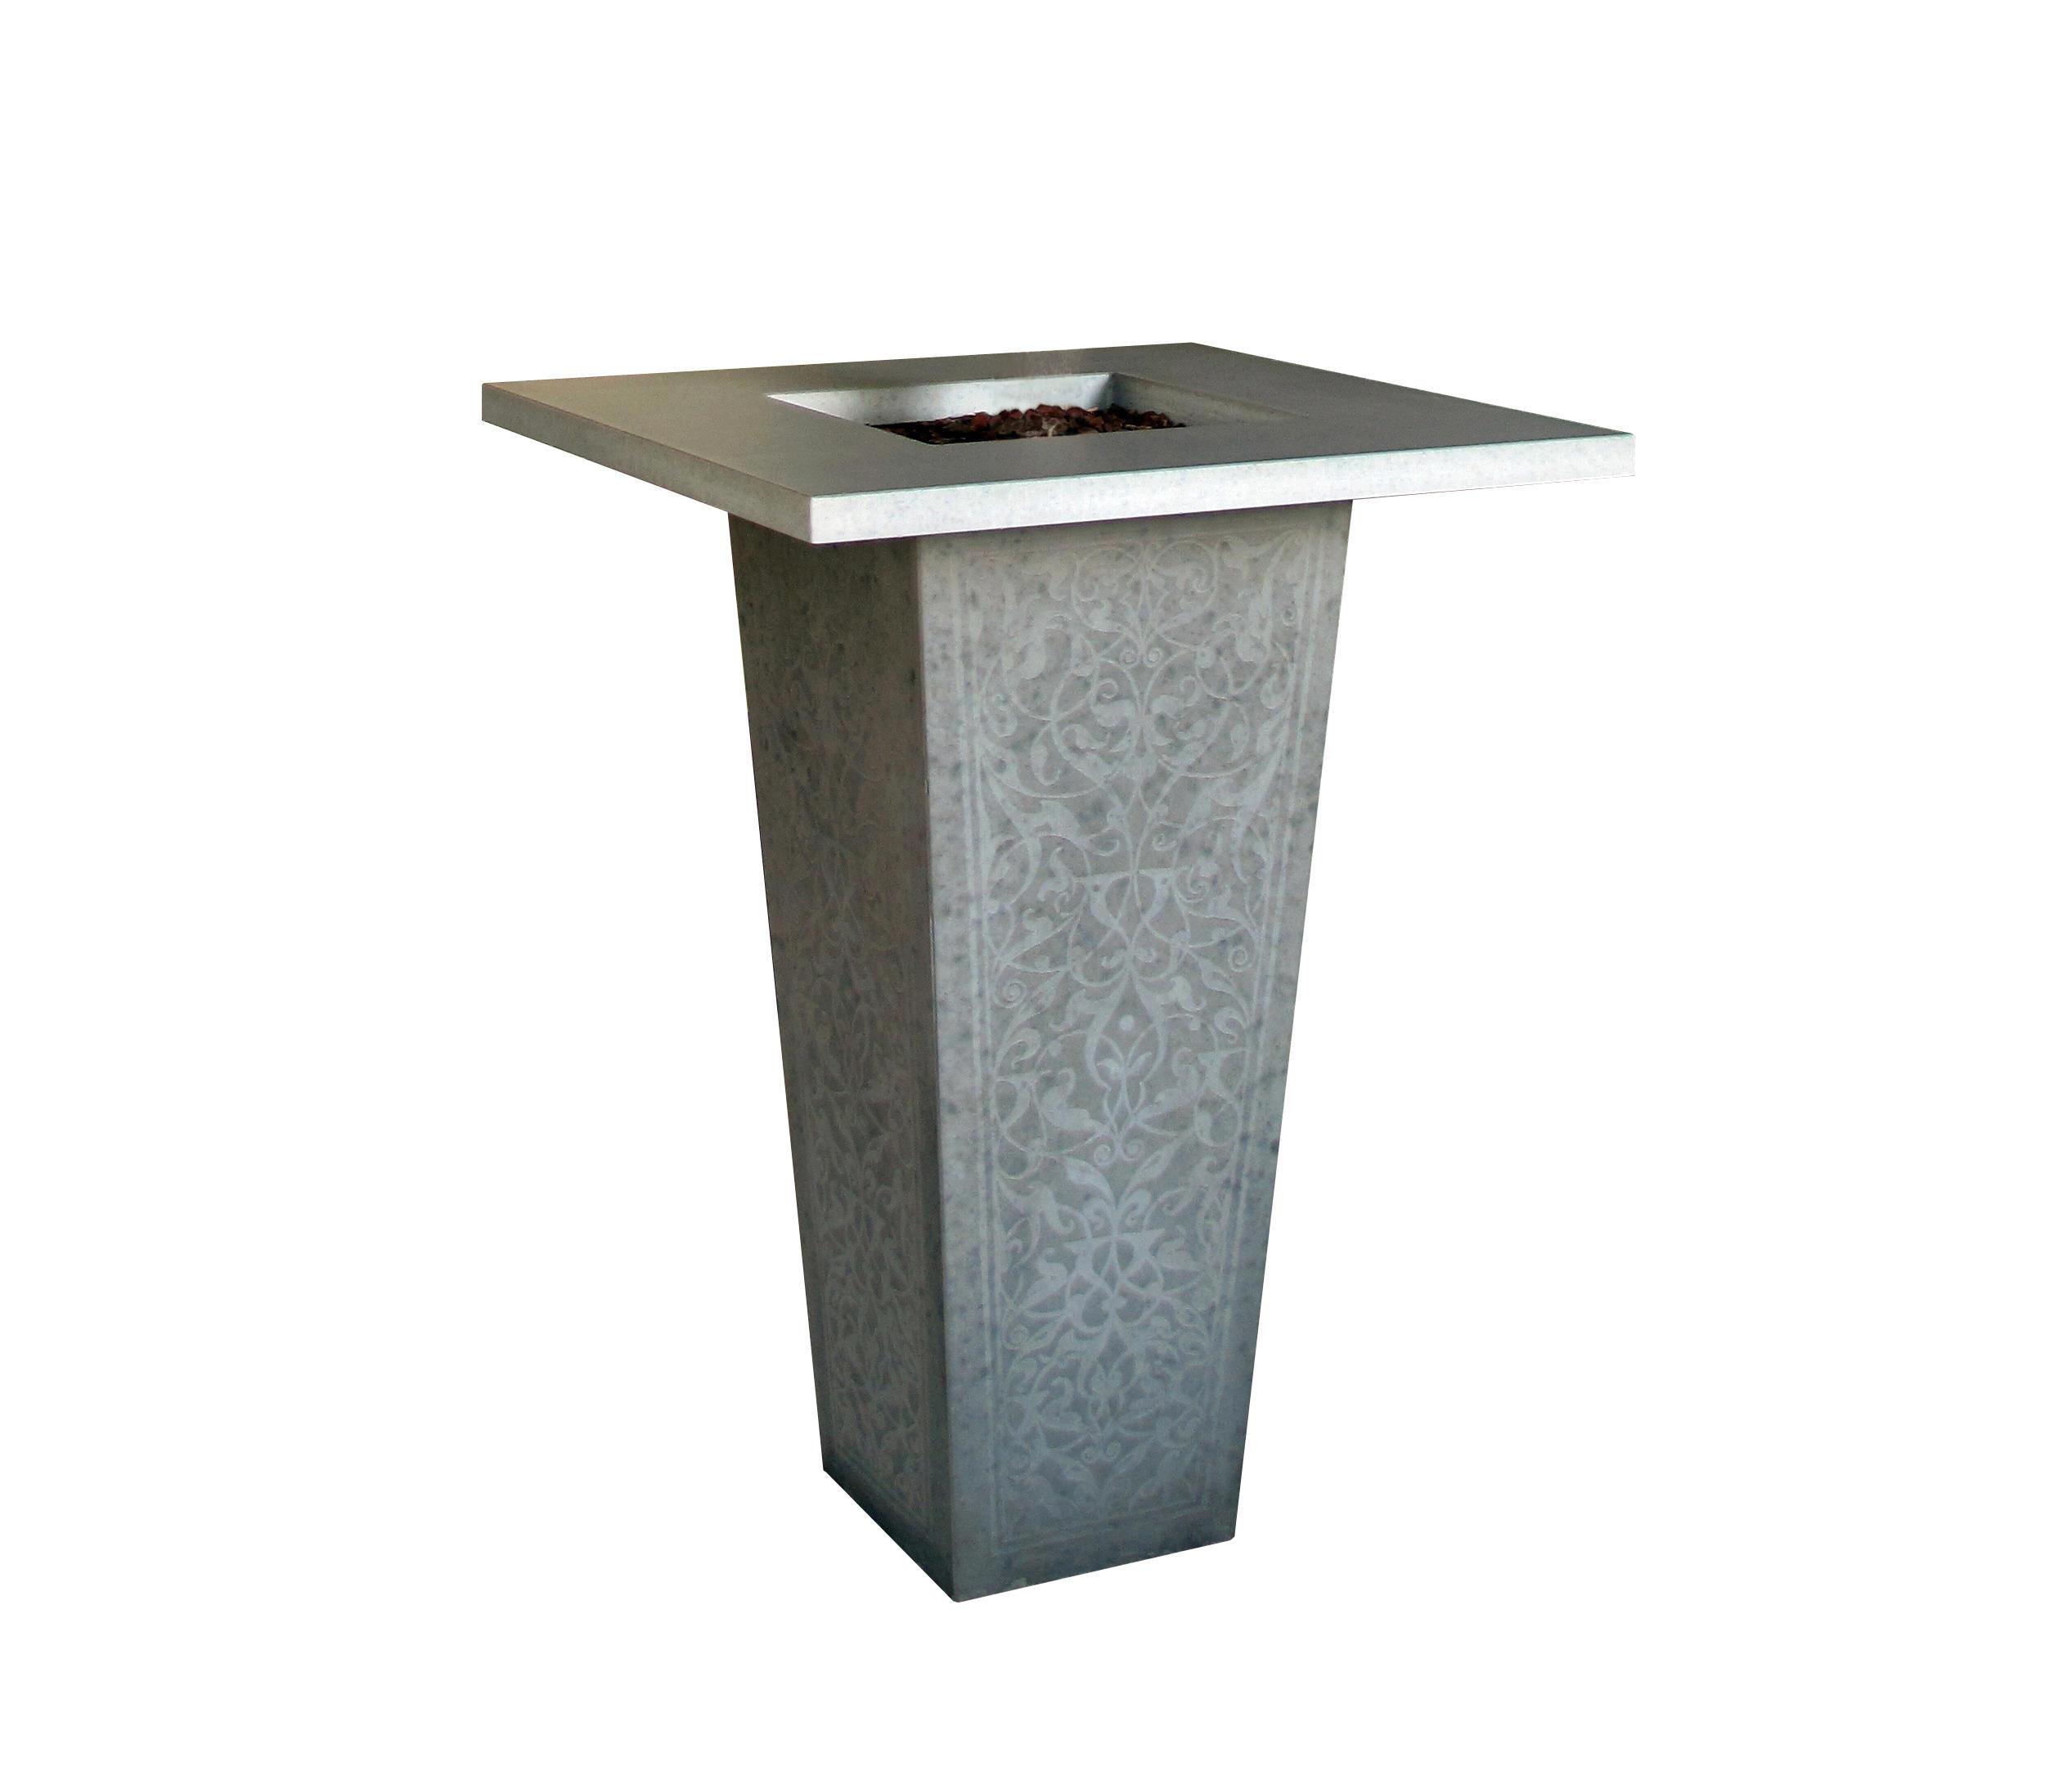 calanthe stehtisch pflanzgef sse von oggi beton architonic. Black Bedroom Furniture Sets. Home Design Ideas